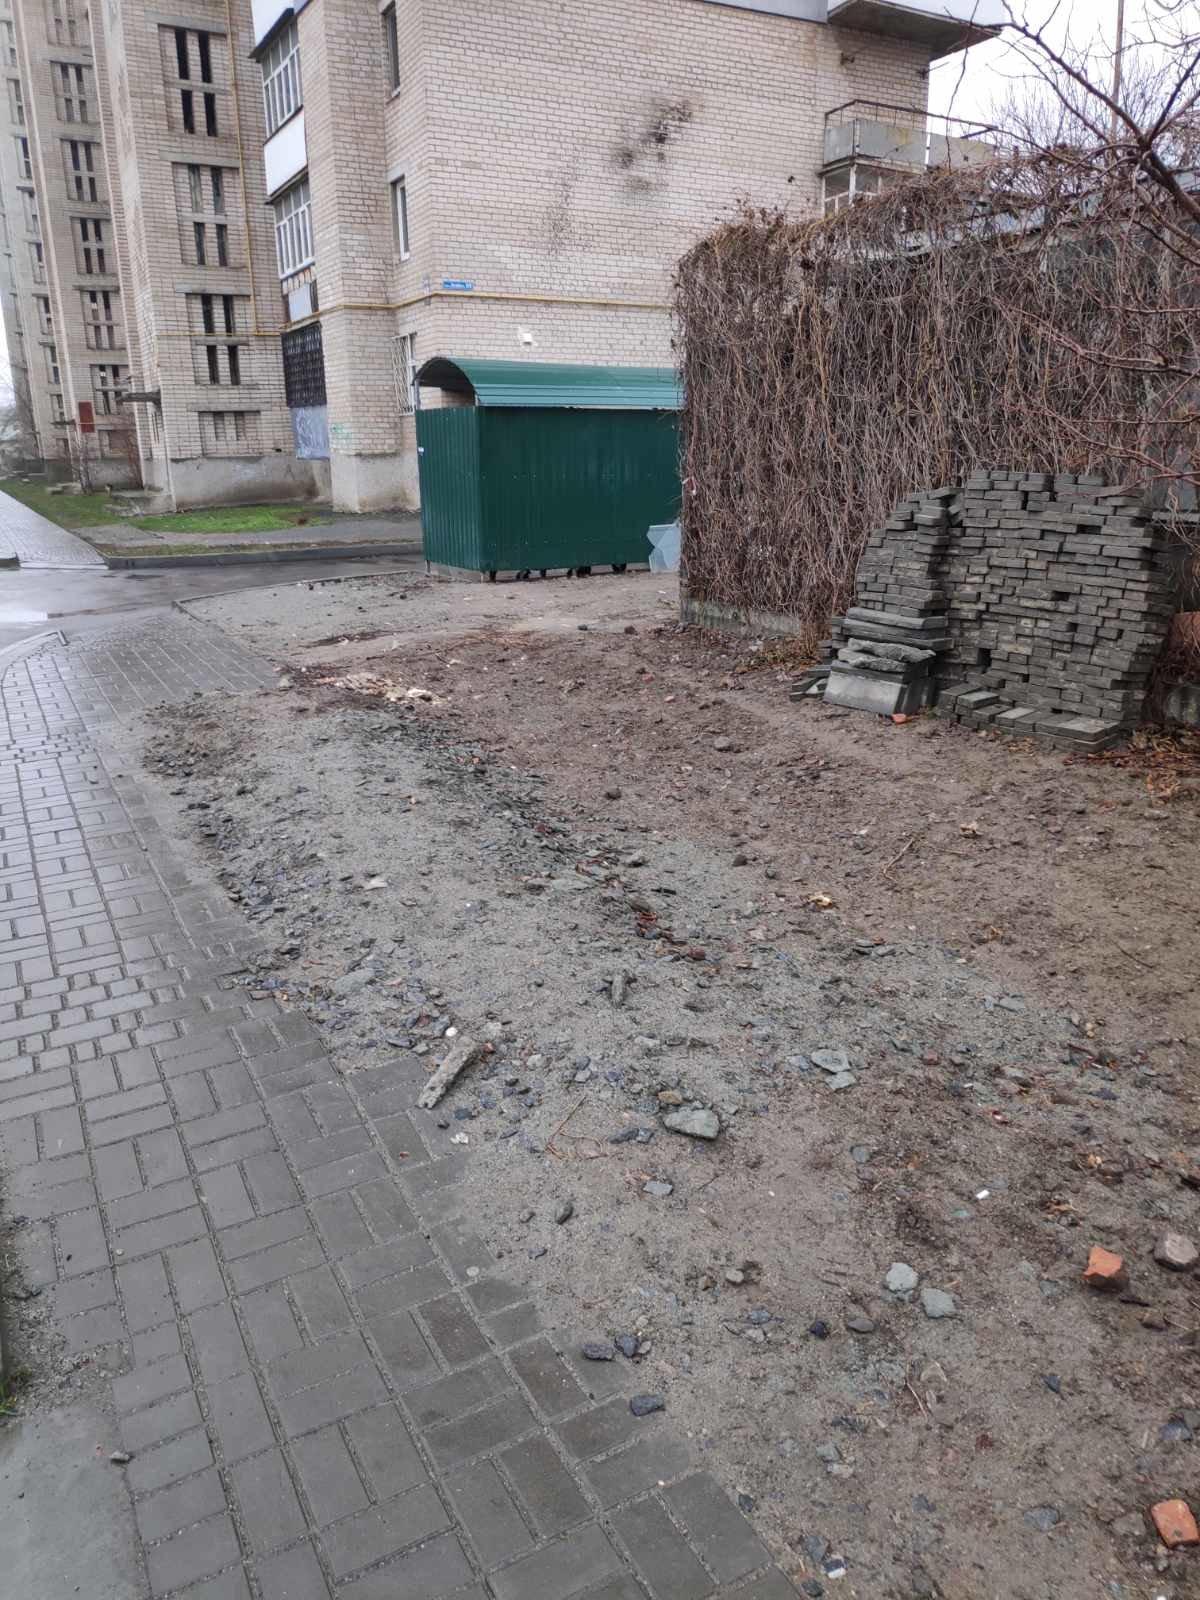 Начальника электросети оштрафуют за нарушение правил благоустройства Мелитополя, фото-1